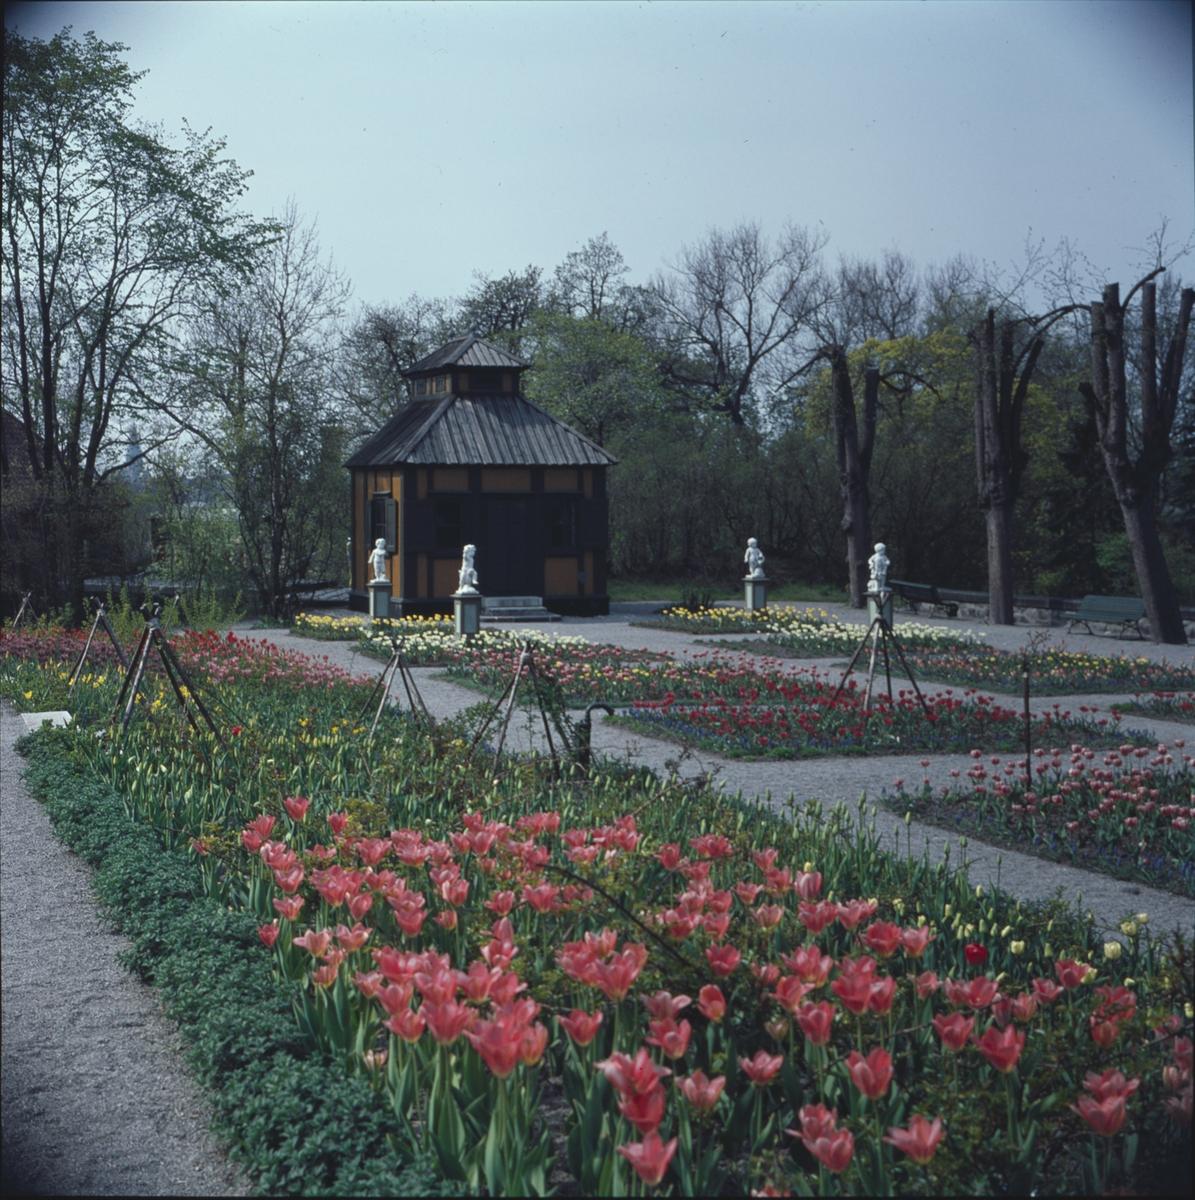 Blommande vårblommor i Rosenträdgårdens välskötta rabatter. I bakgrunden beundrar Swedenborgs lusthus fyra figurer som dansar i den färgrika blomsterprakten.